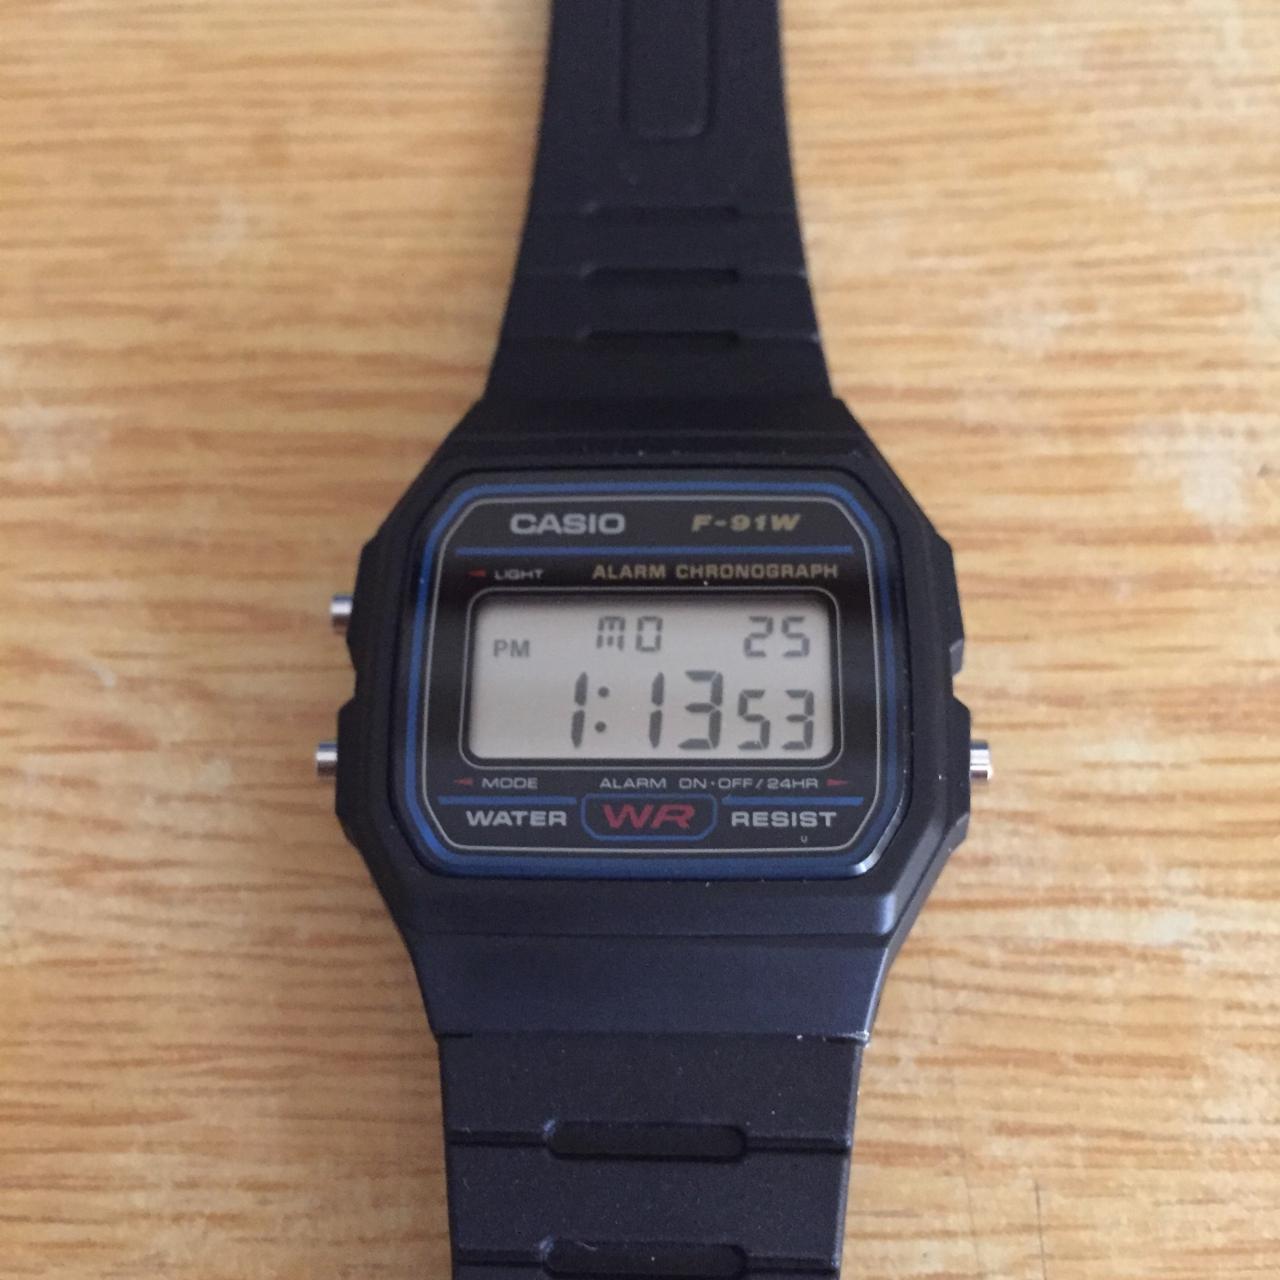 最低にして最高の腕時計!ビンラディンモデルことチープカシオF-91Wを入手